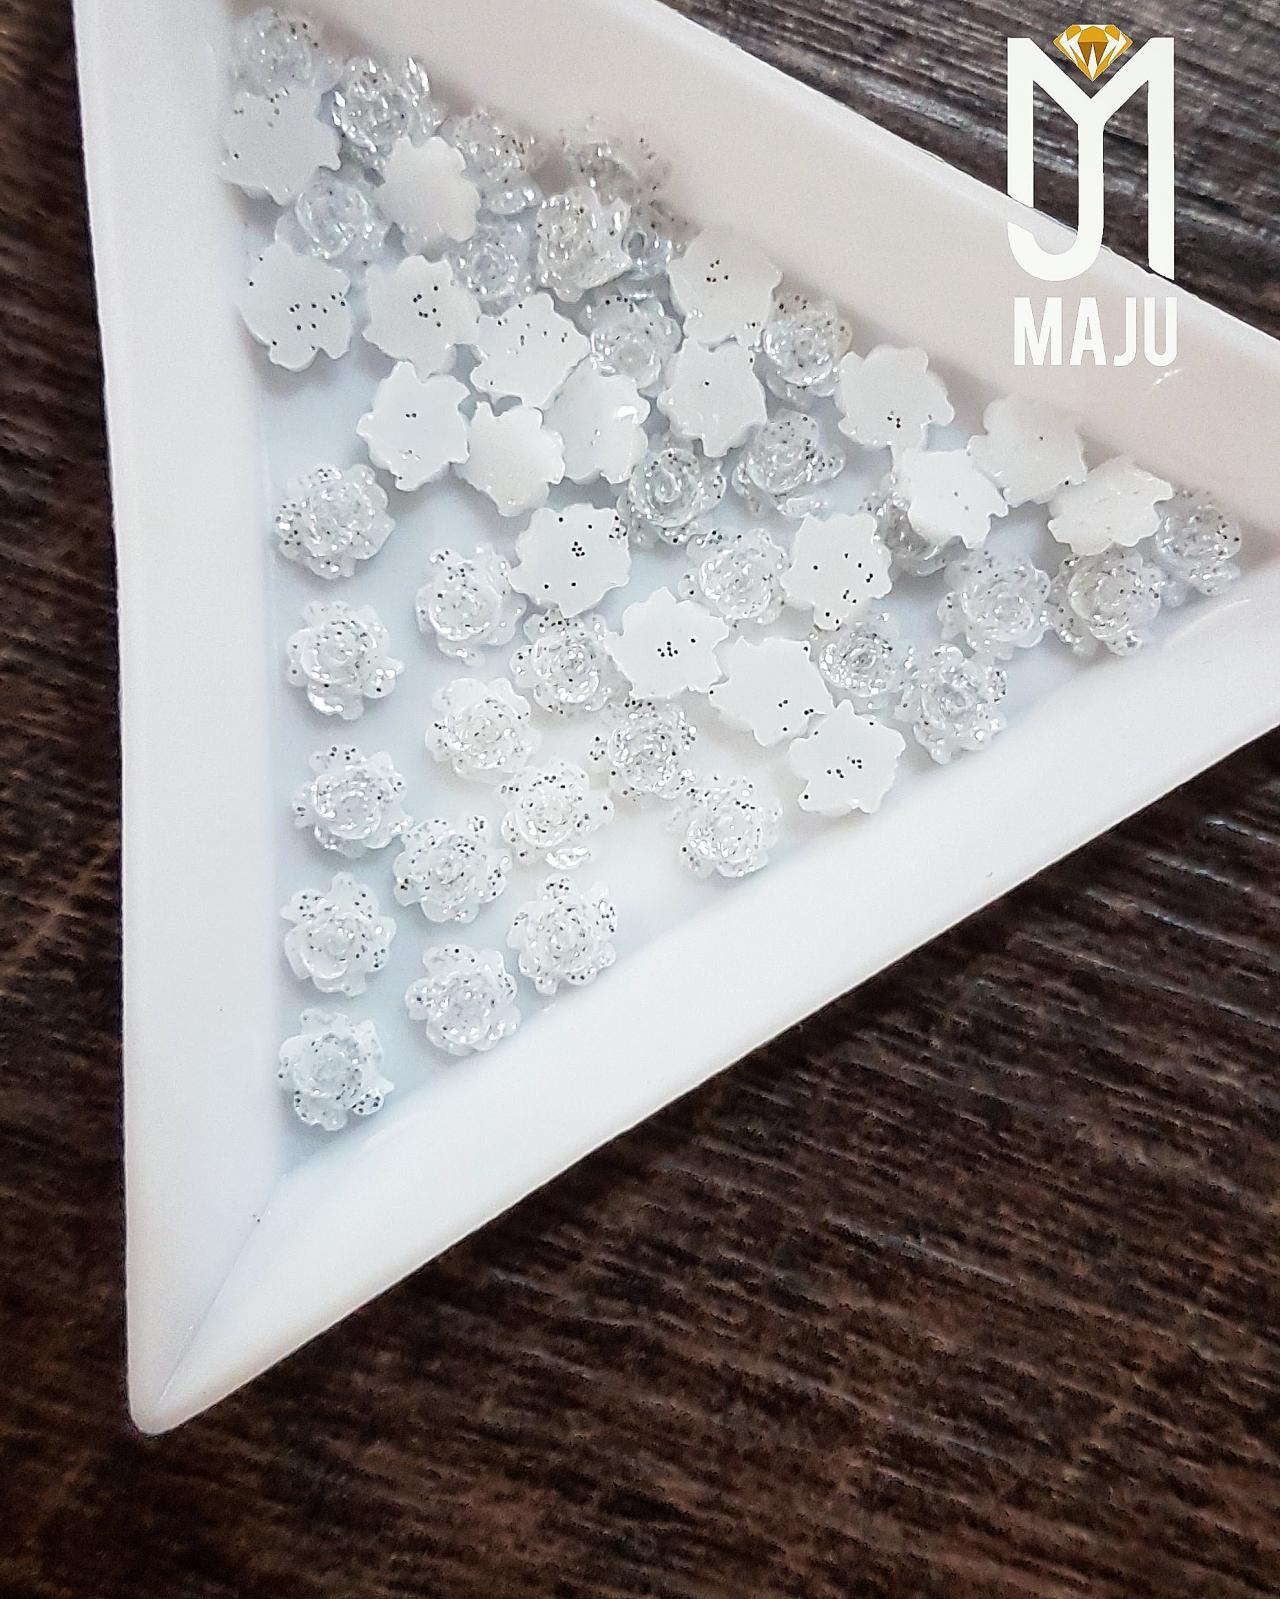 FLOR 3D 5MM GLITTER PRATA